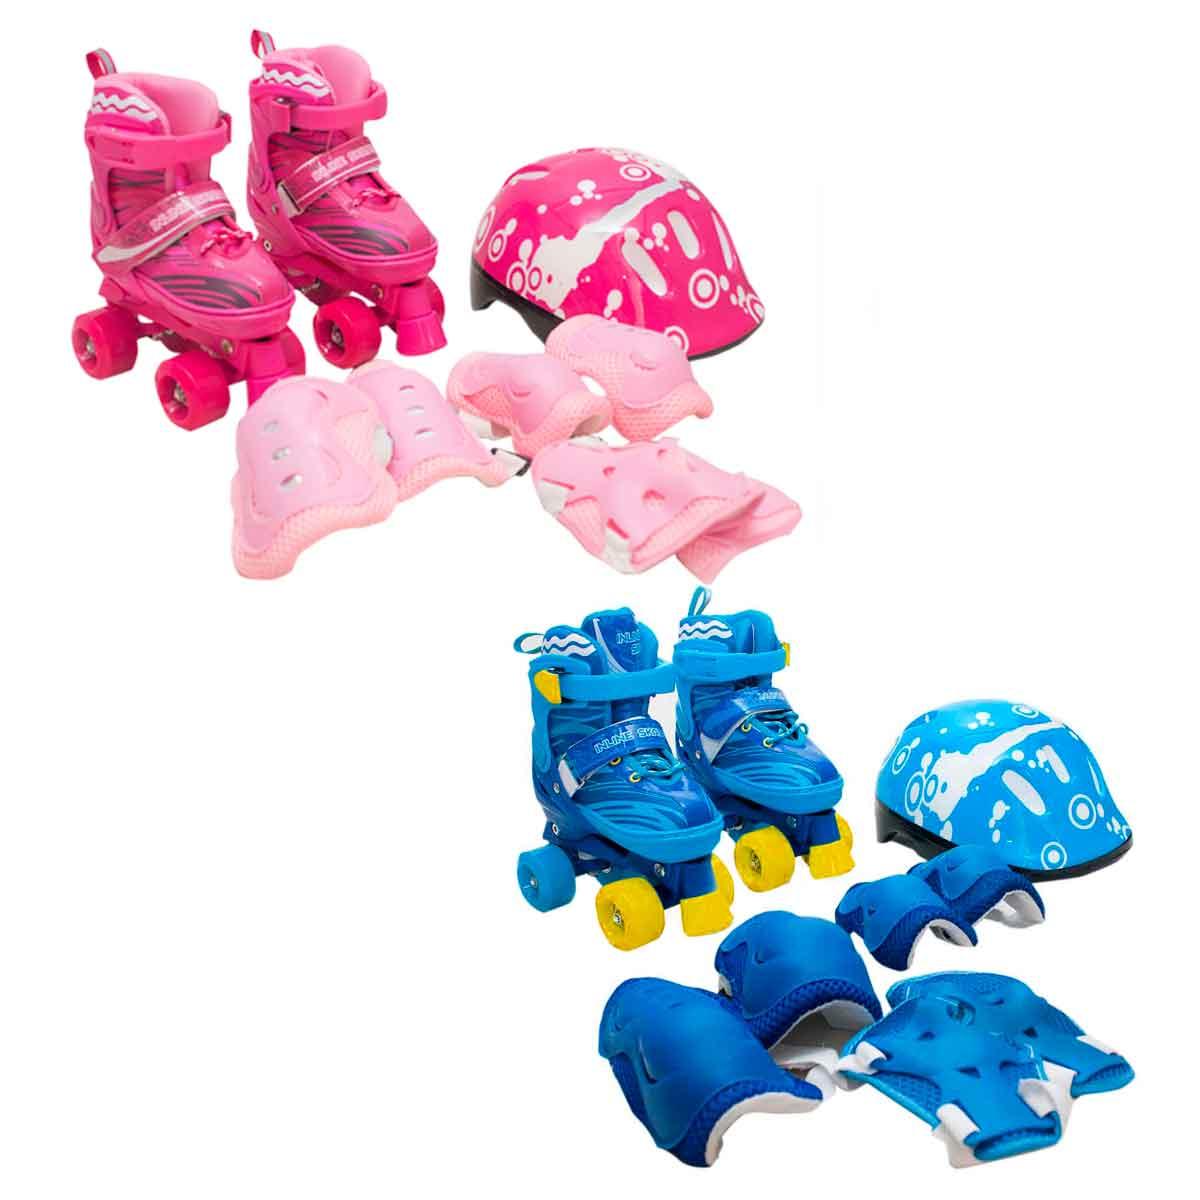 Patins Infantil Roller 4 Rodas + Capacete Proteção Ajustável